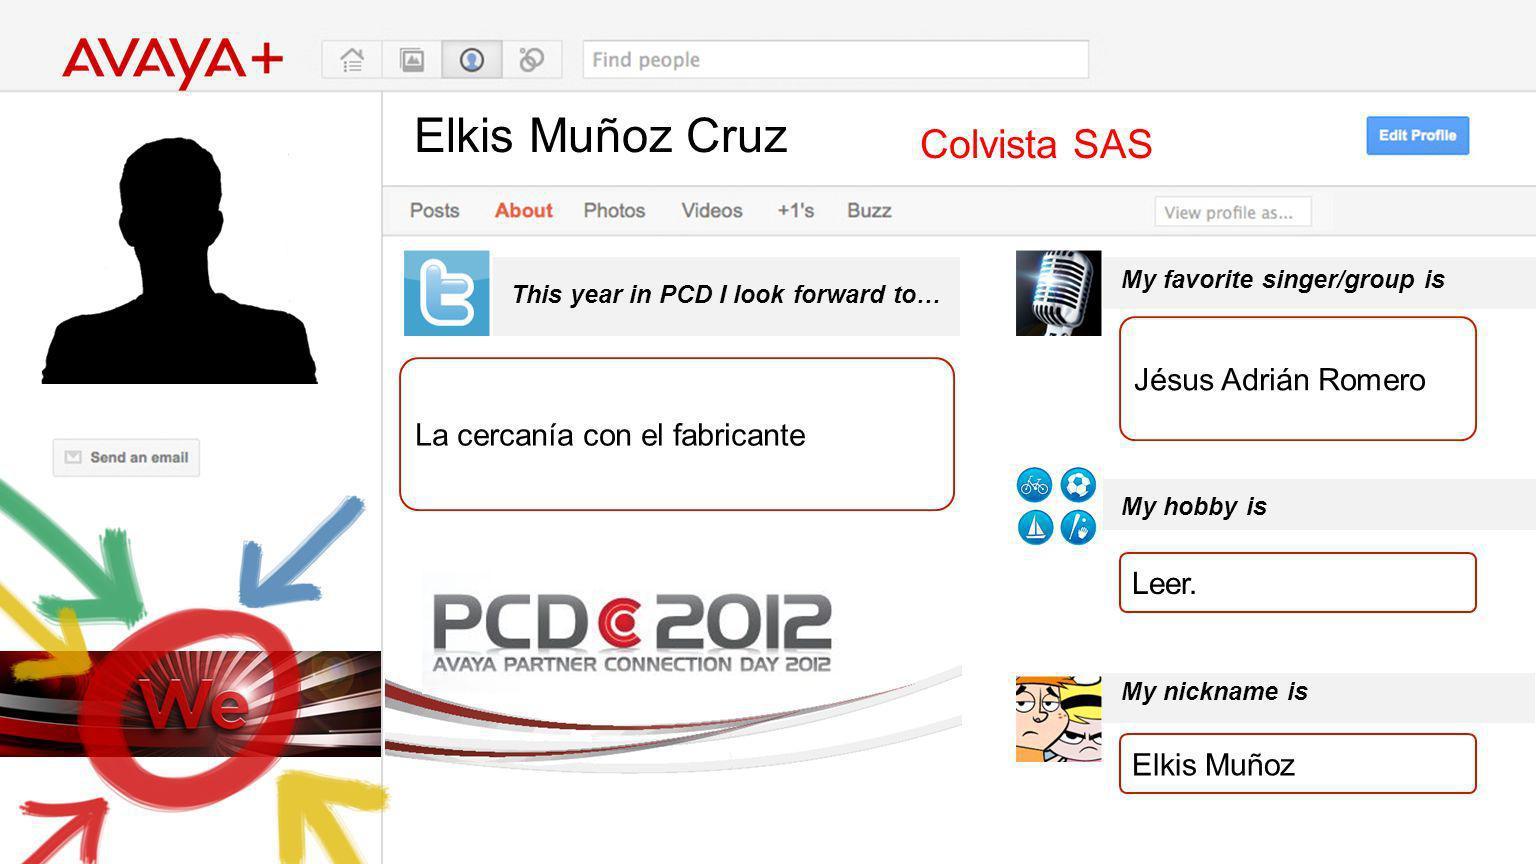 Elkis Muñoz Cruz This year in PCD I look forward to… Colvista SAS La cercanía con el fabricante My favorite singer/group is My hobby is My nickname is